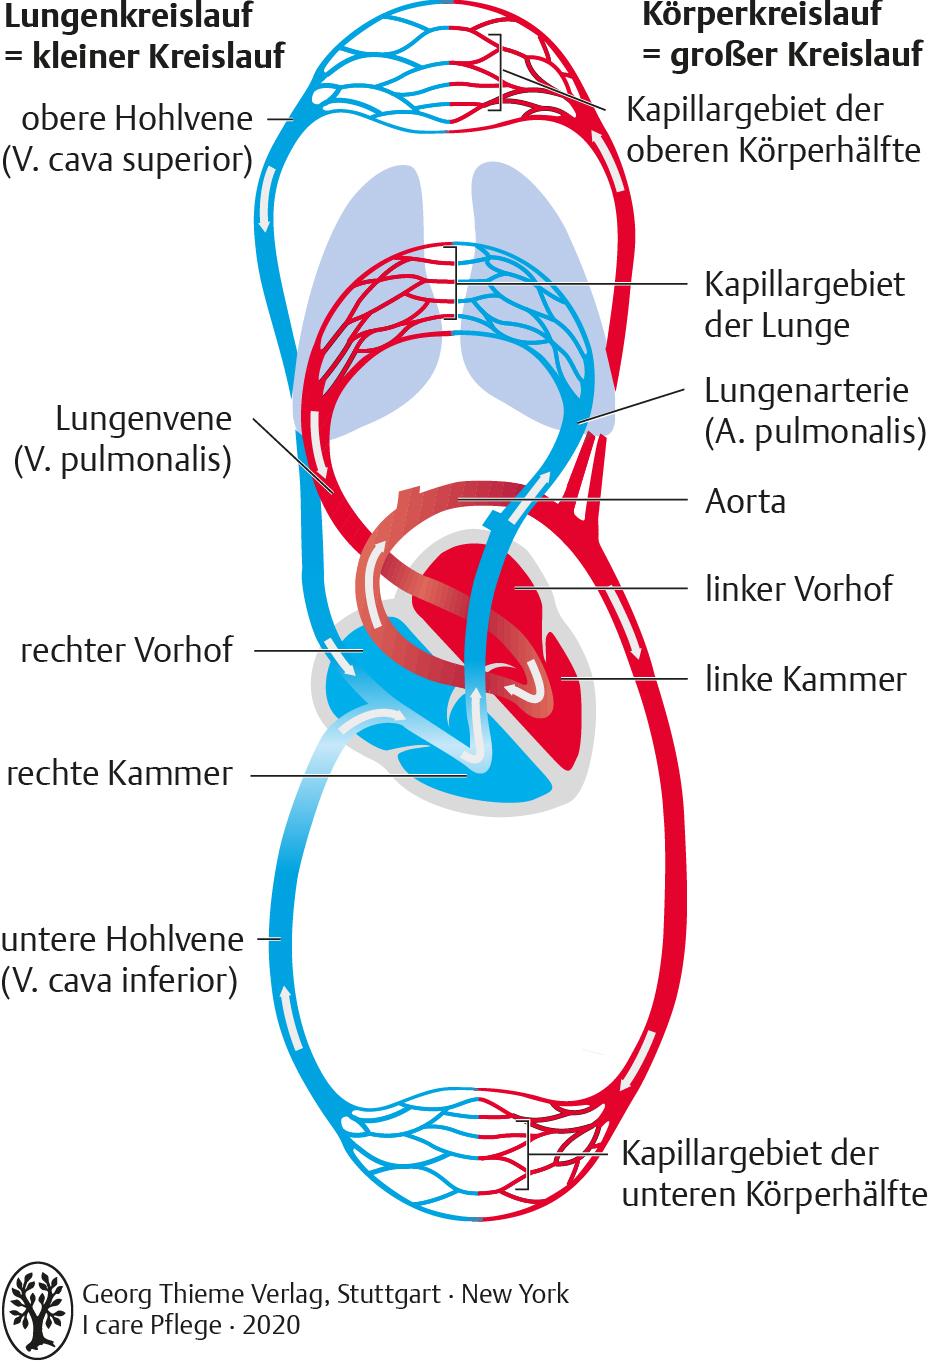 20.Kreislauf und Gefäßsystem   Pflegepädagogik   Georg Thieme Verlag